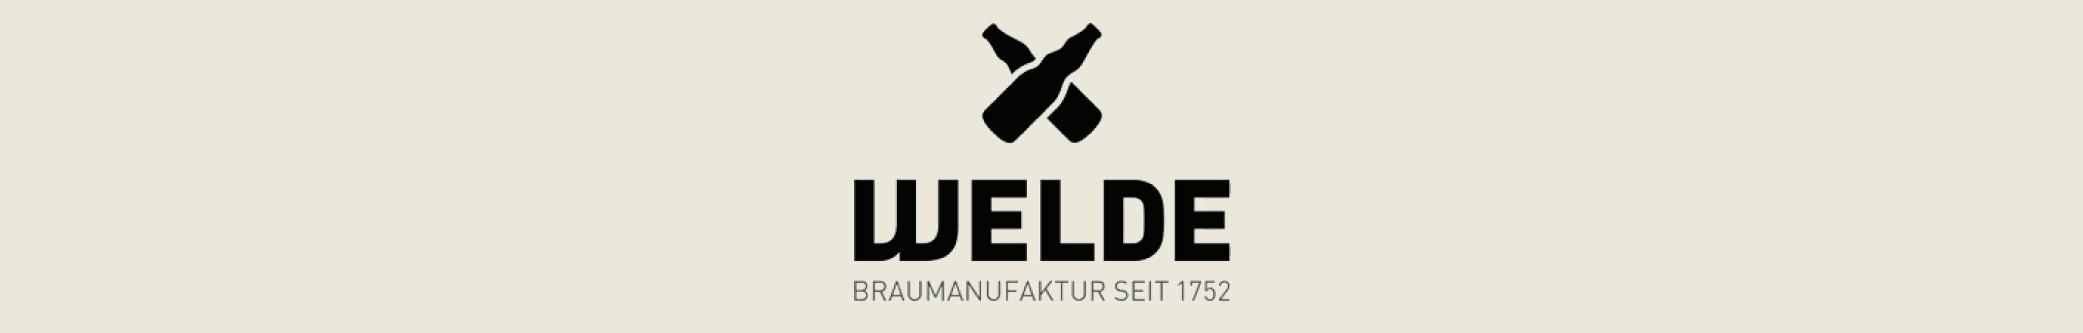 WELDE_24-26-26.png